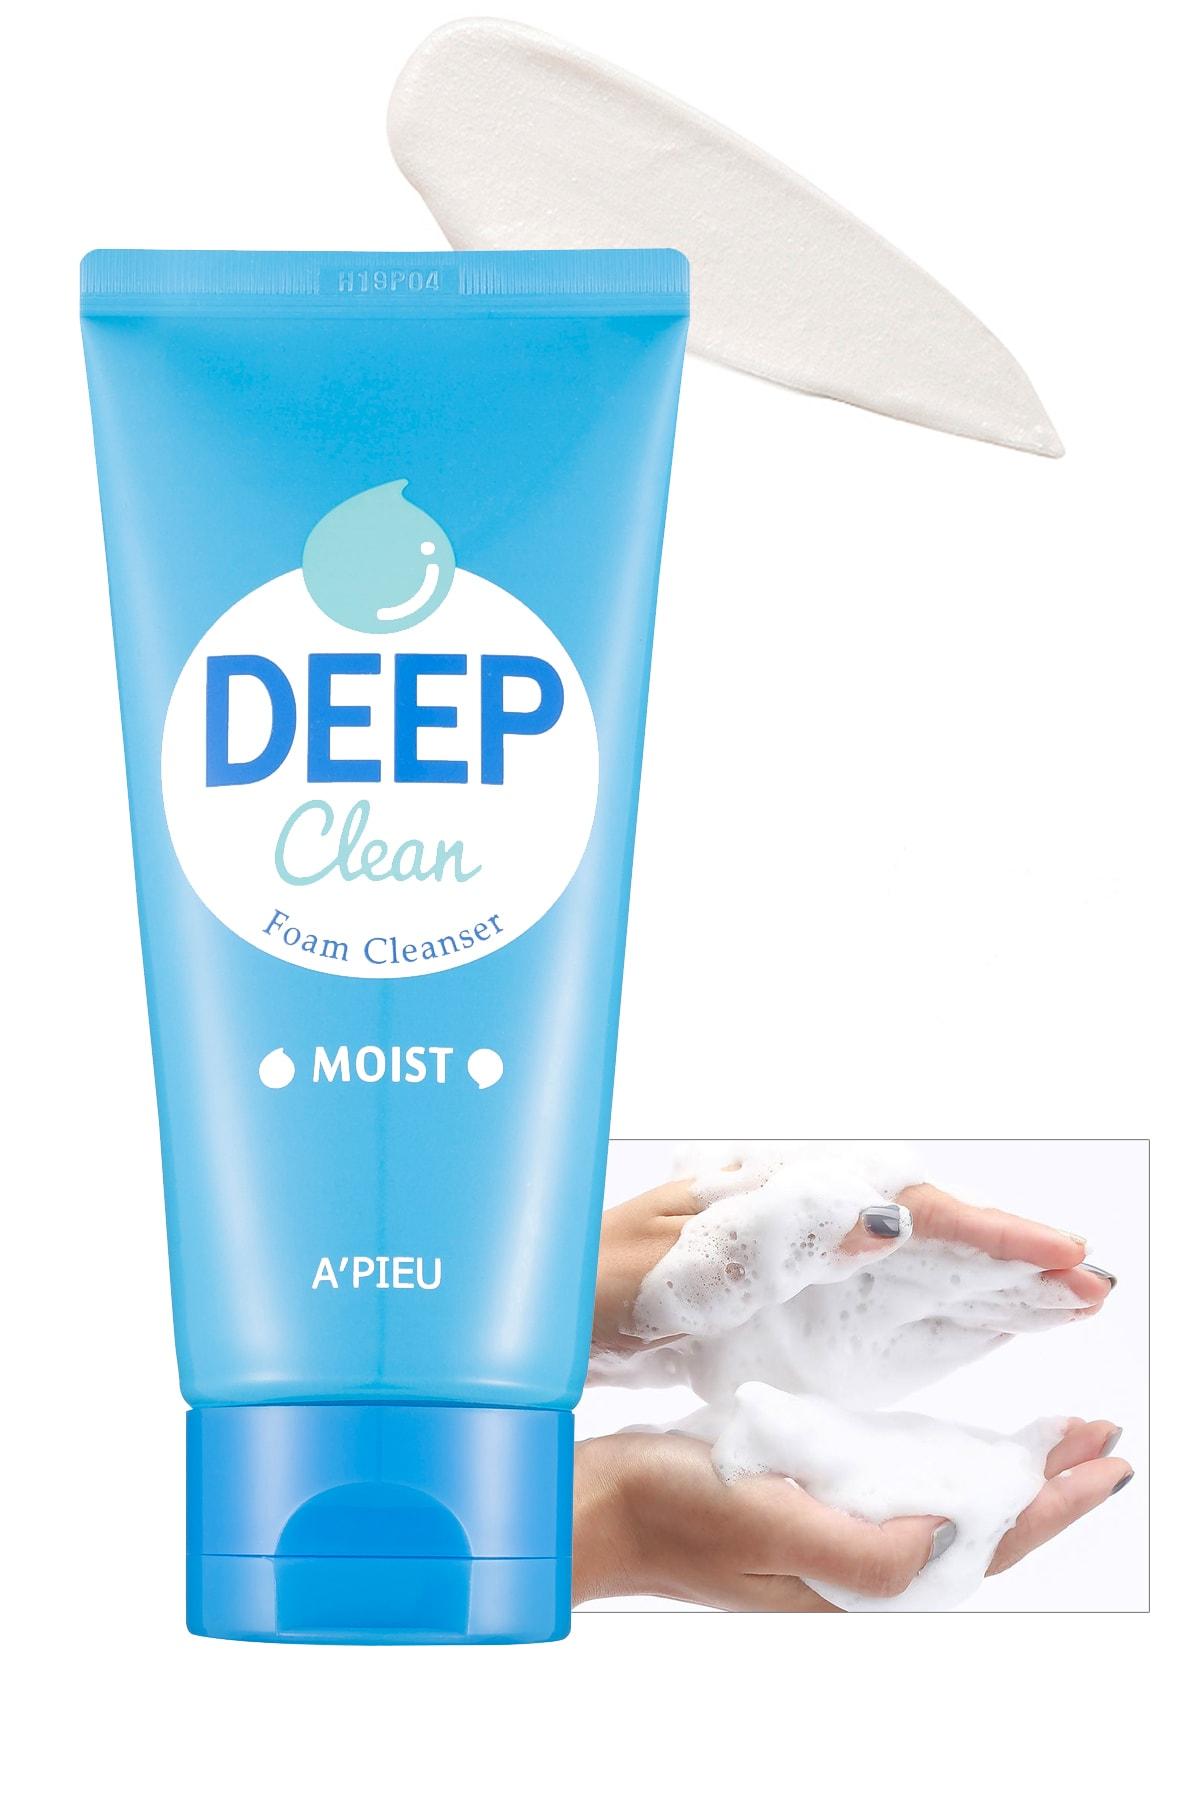 Missha Nemlendirici Etkili Yüz Yıkama Köpüğü 130ml APIEU Deep Clean Foam Cleanser (Moist)